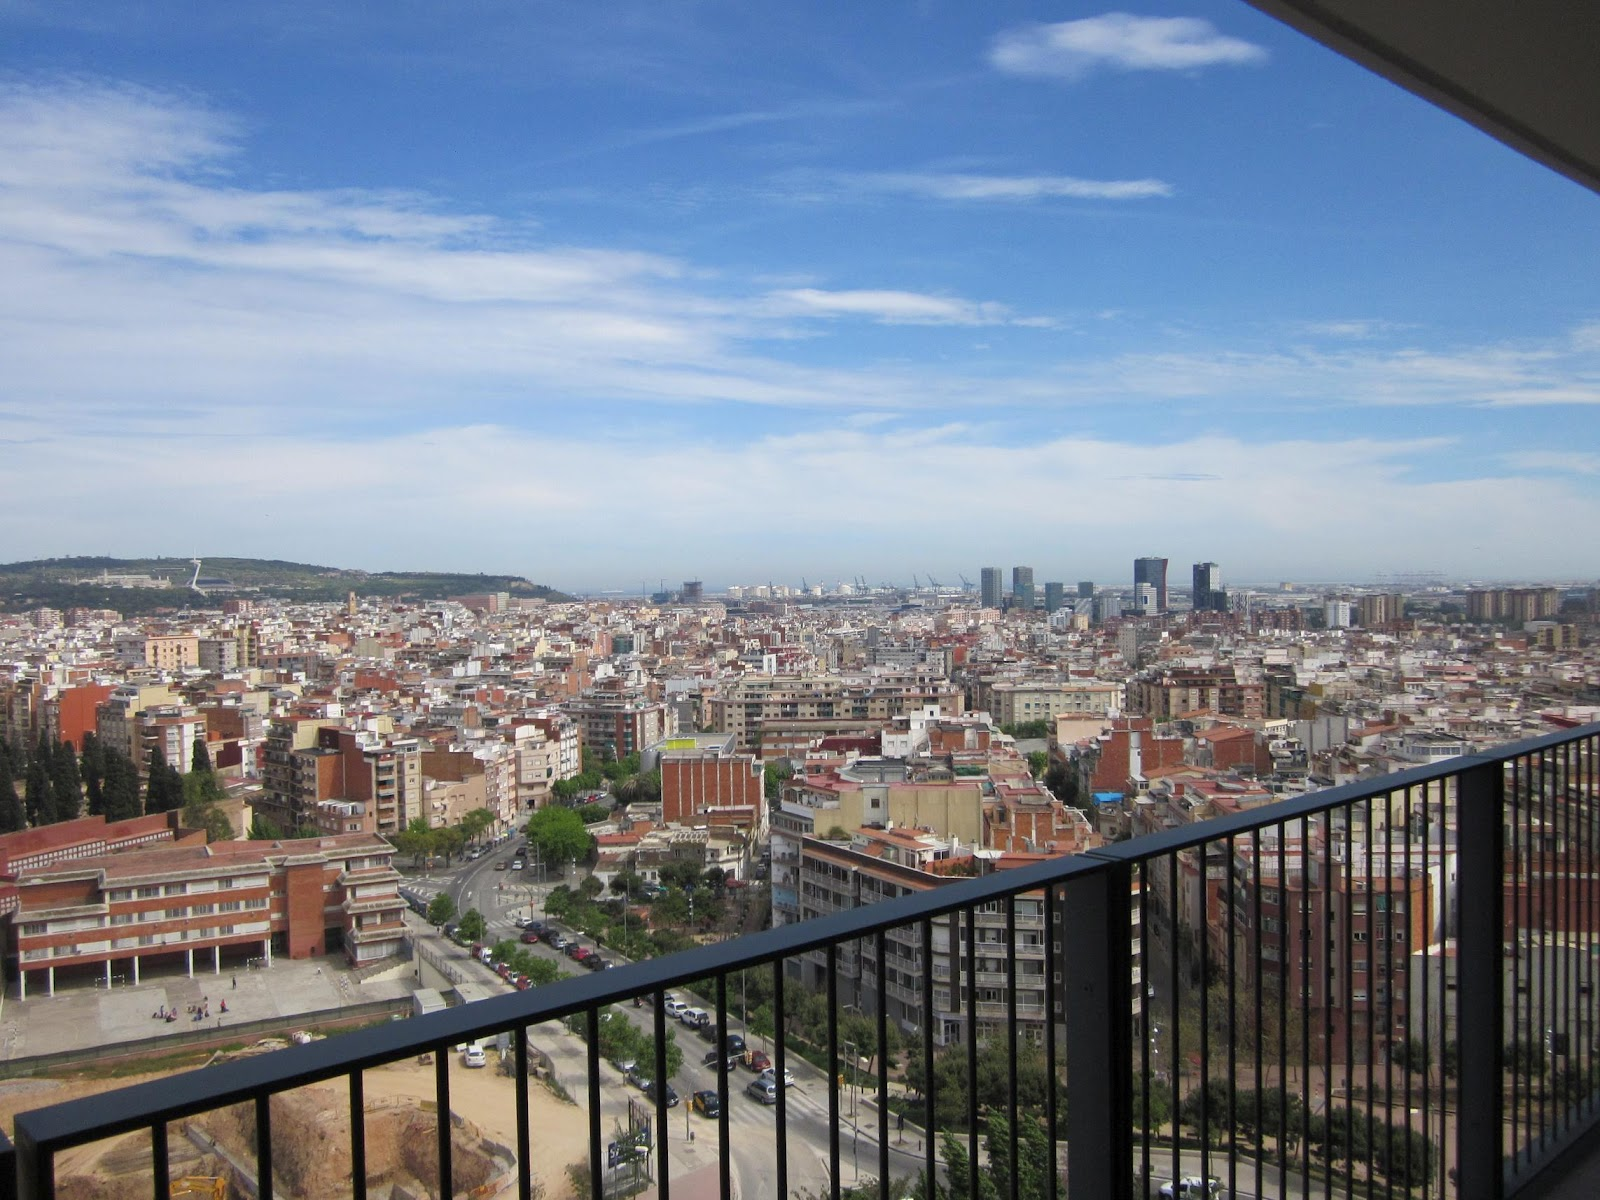 Piso de alquiler en barcelona vistas desde el piso de - Piso particular en alquiler barcelona ...